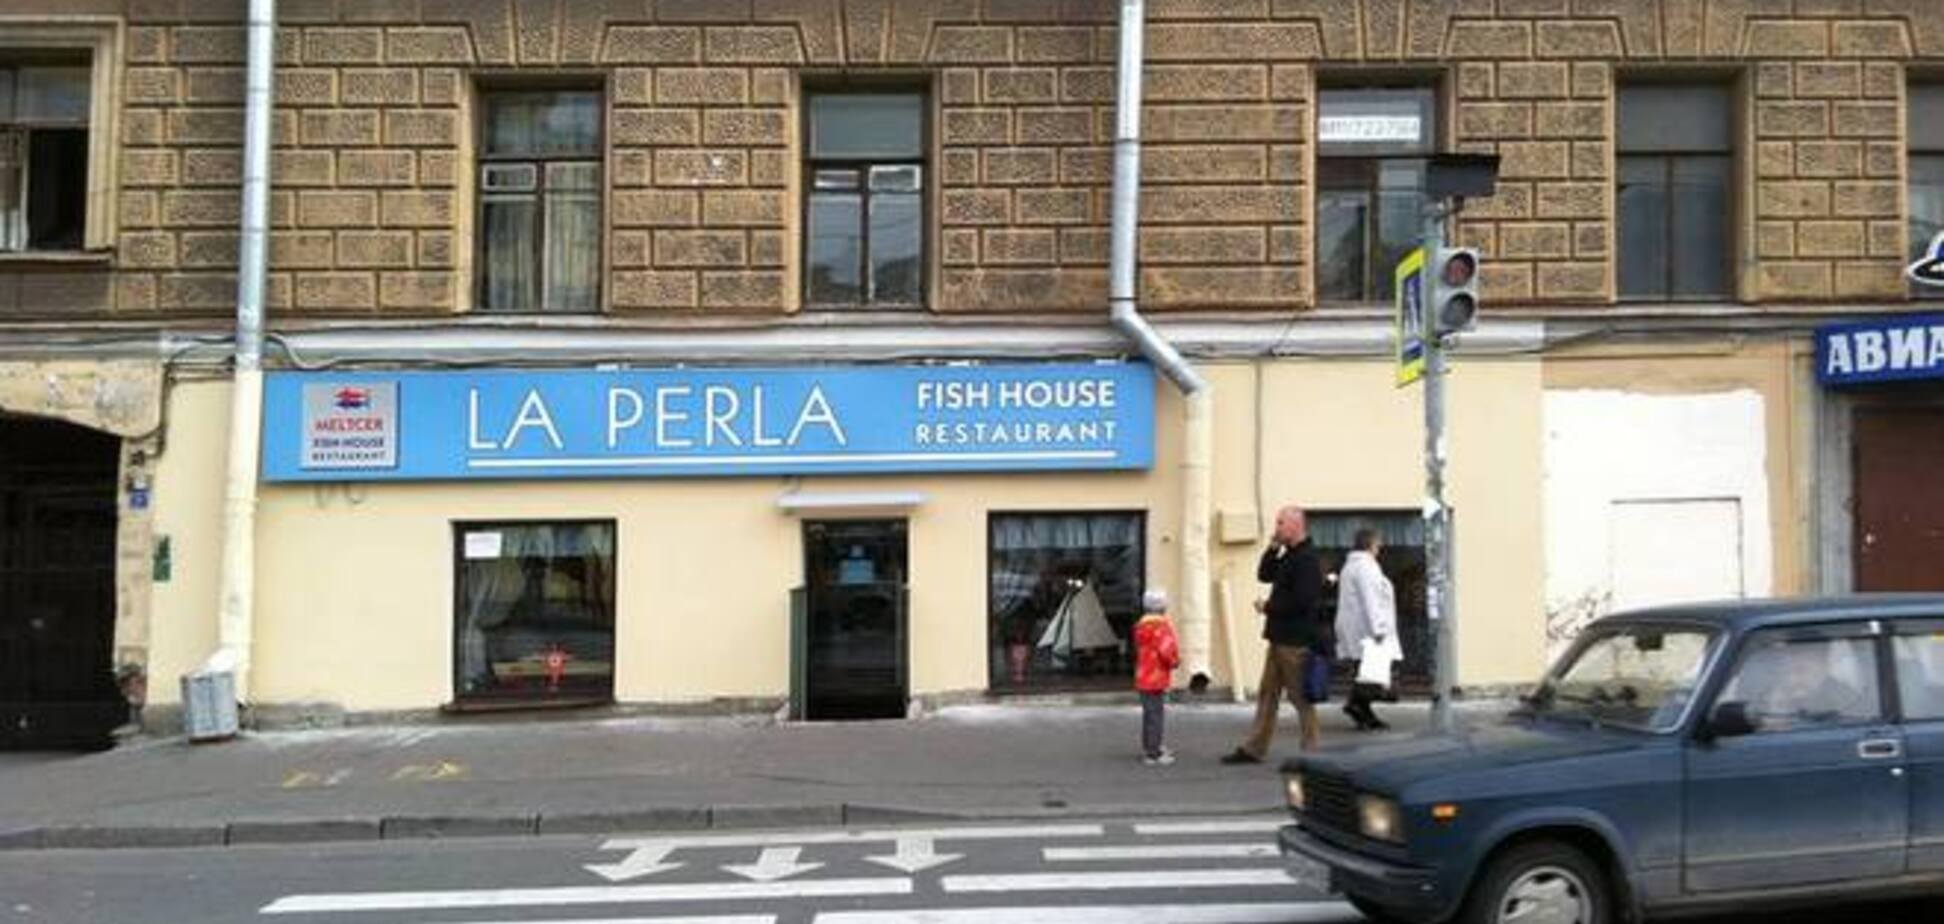 После запрета на кружевное белье питерский бутик стал торговать рыбными котлетами